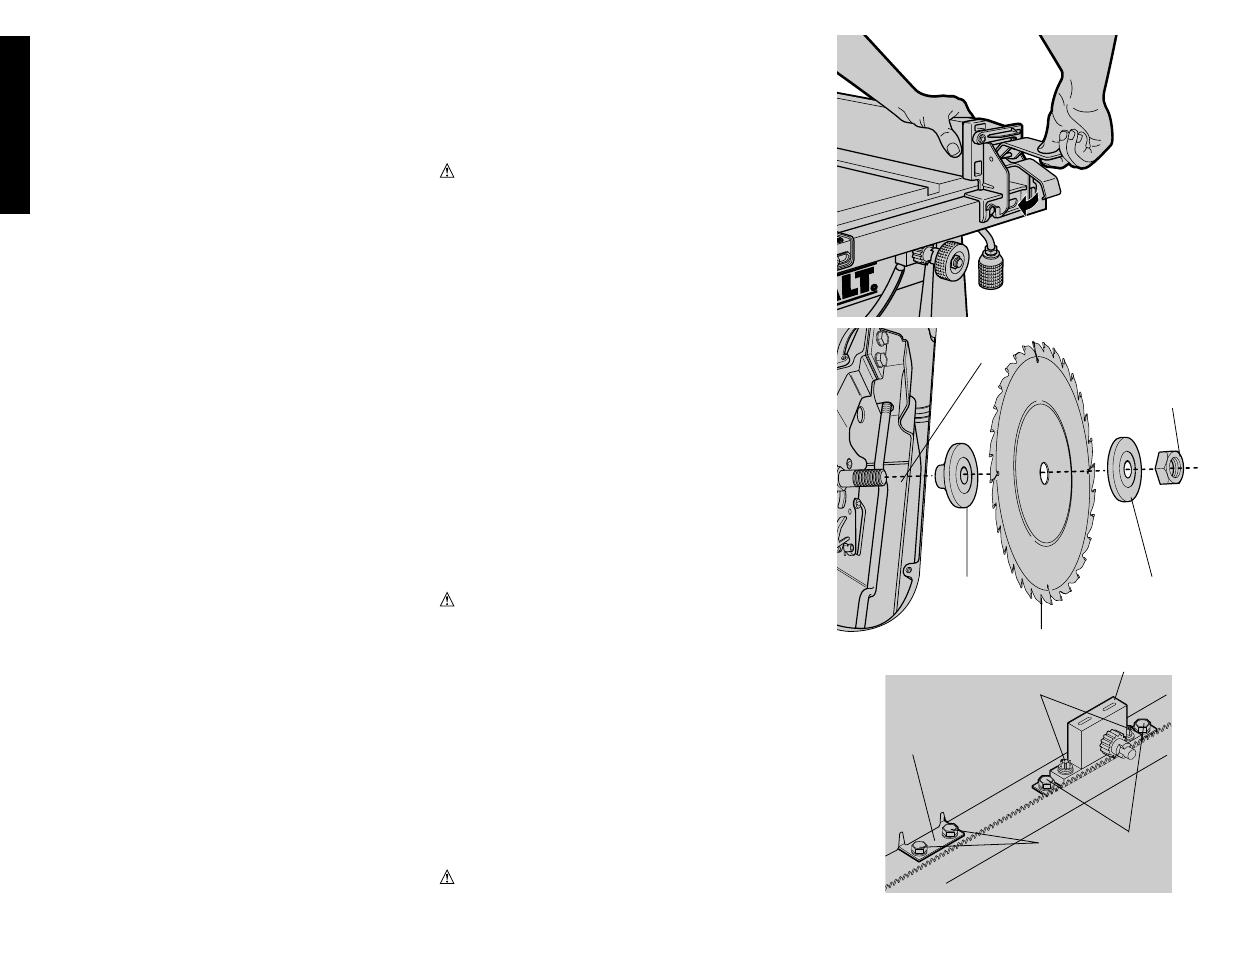 bench mounting english dewalt dw744 user manual page 8 37 rh manualsdir com De Walt DW746 dewalt dw744 owners manual